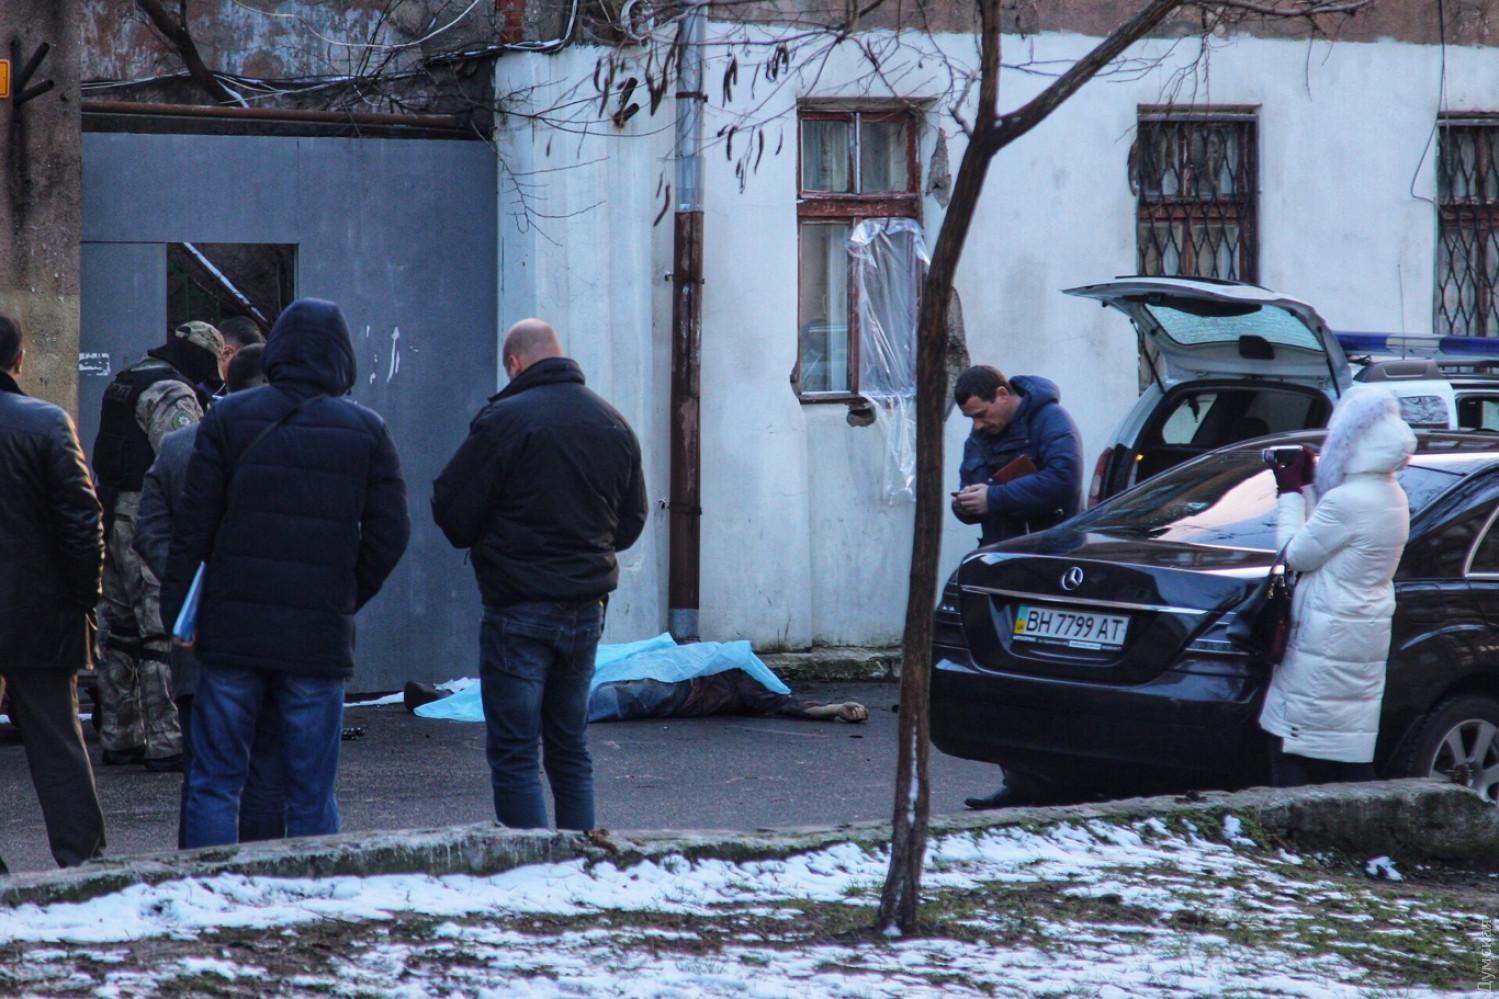 амурской области солдат убивших троих убили поездовжд билеты